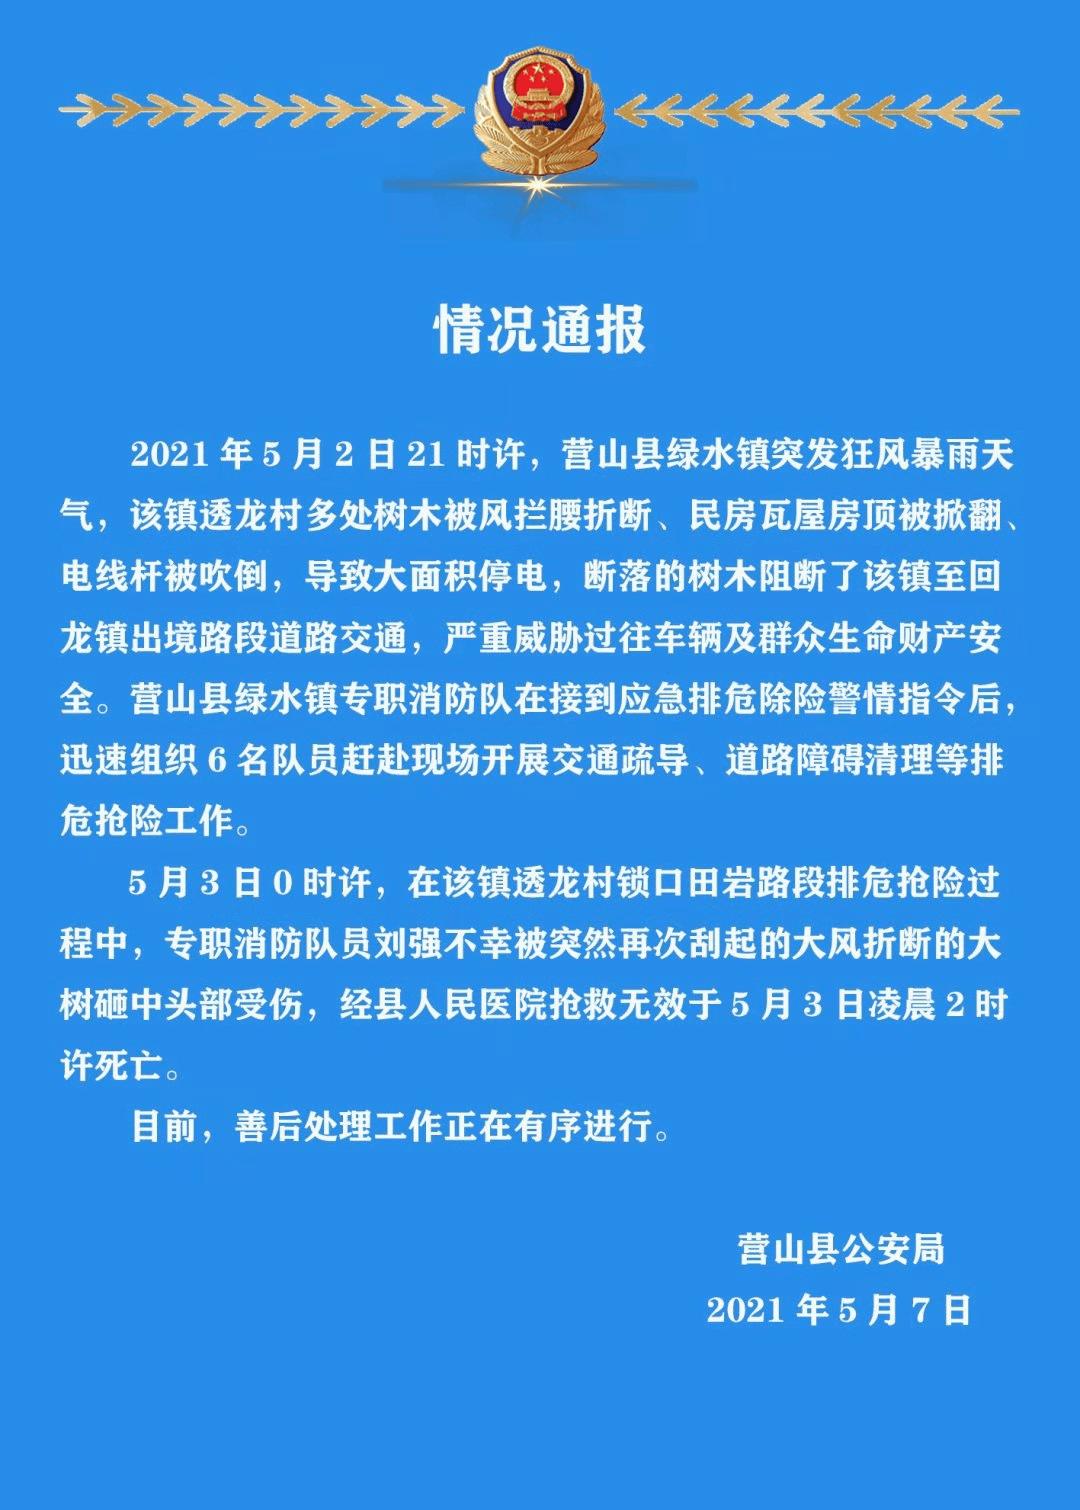 【1017丨关注】痛心!四川一消防员在暴雨抢险中牺牲